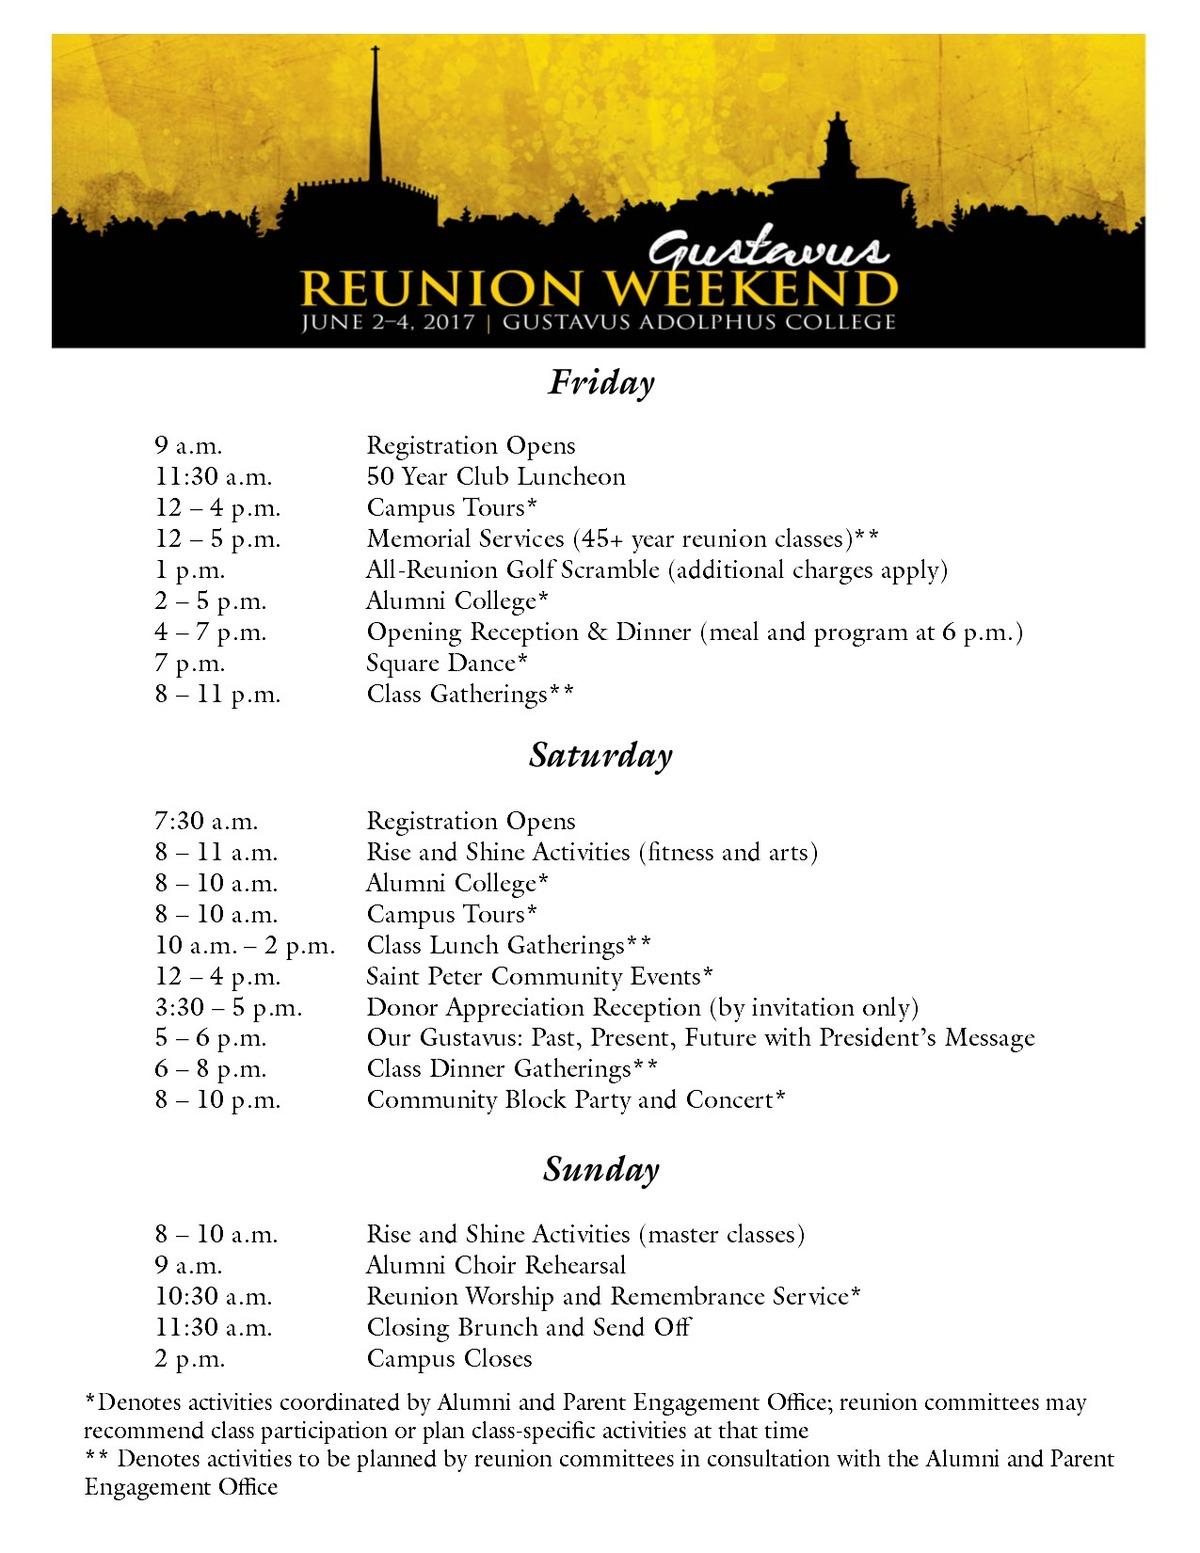 Reunion Weekend 2017 Schedule